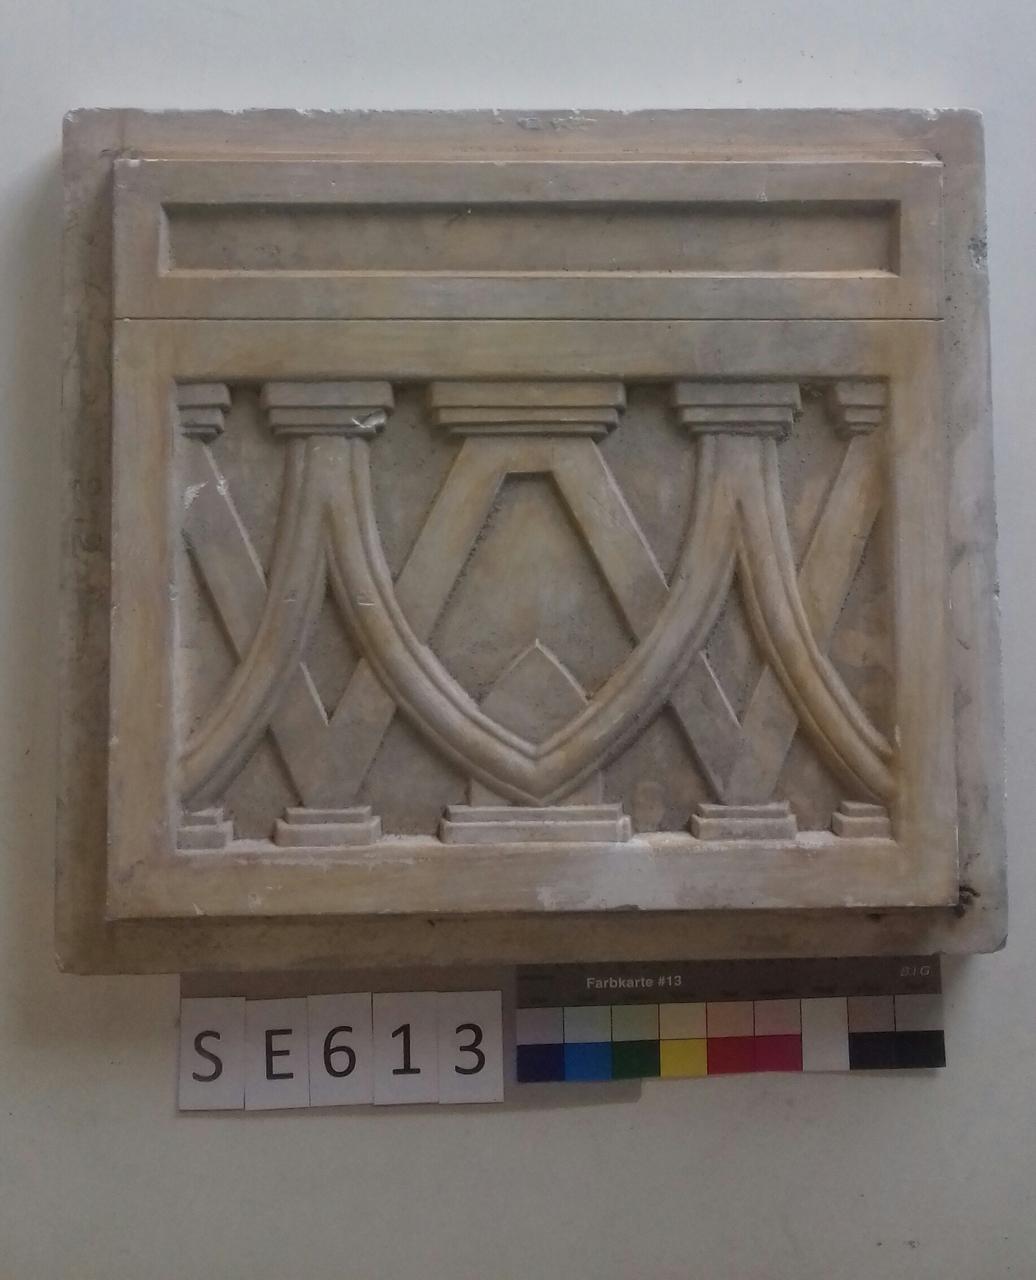 Mutterform ledige Kachel geometrische Form